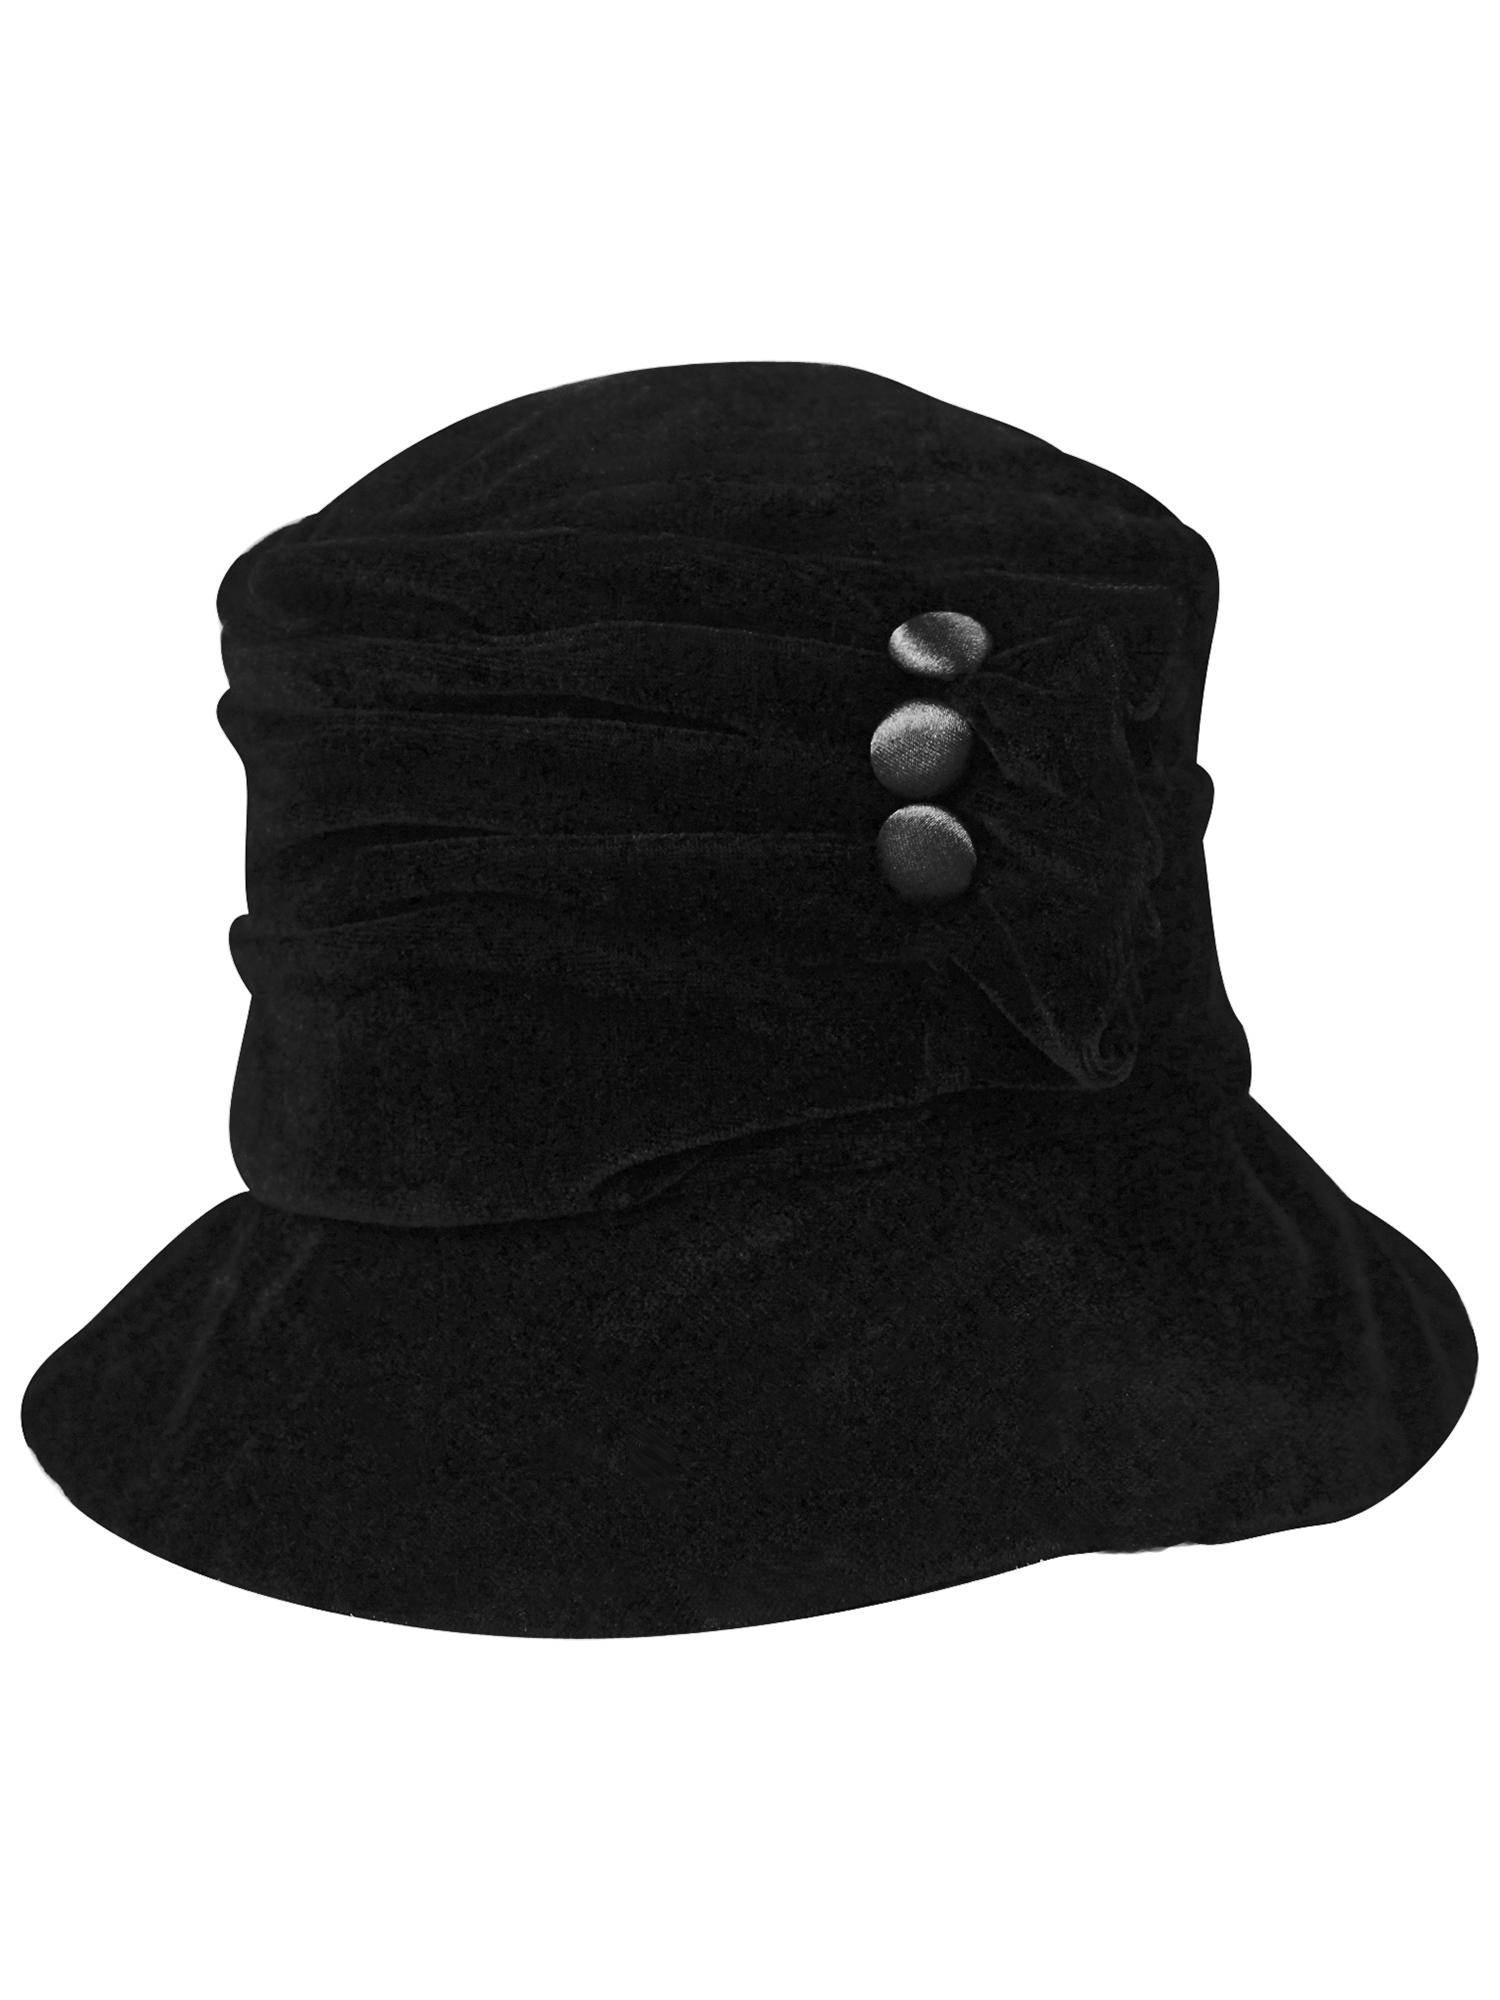 94c7781b89c6e VELVET-BUCKET-HAT-WITH-BUTTON-TRIM thumbnail 4